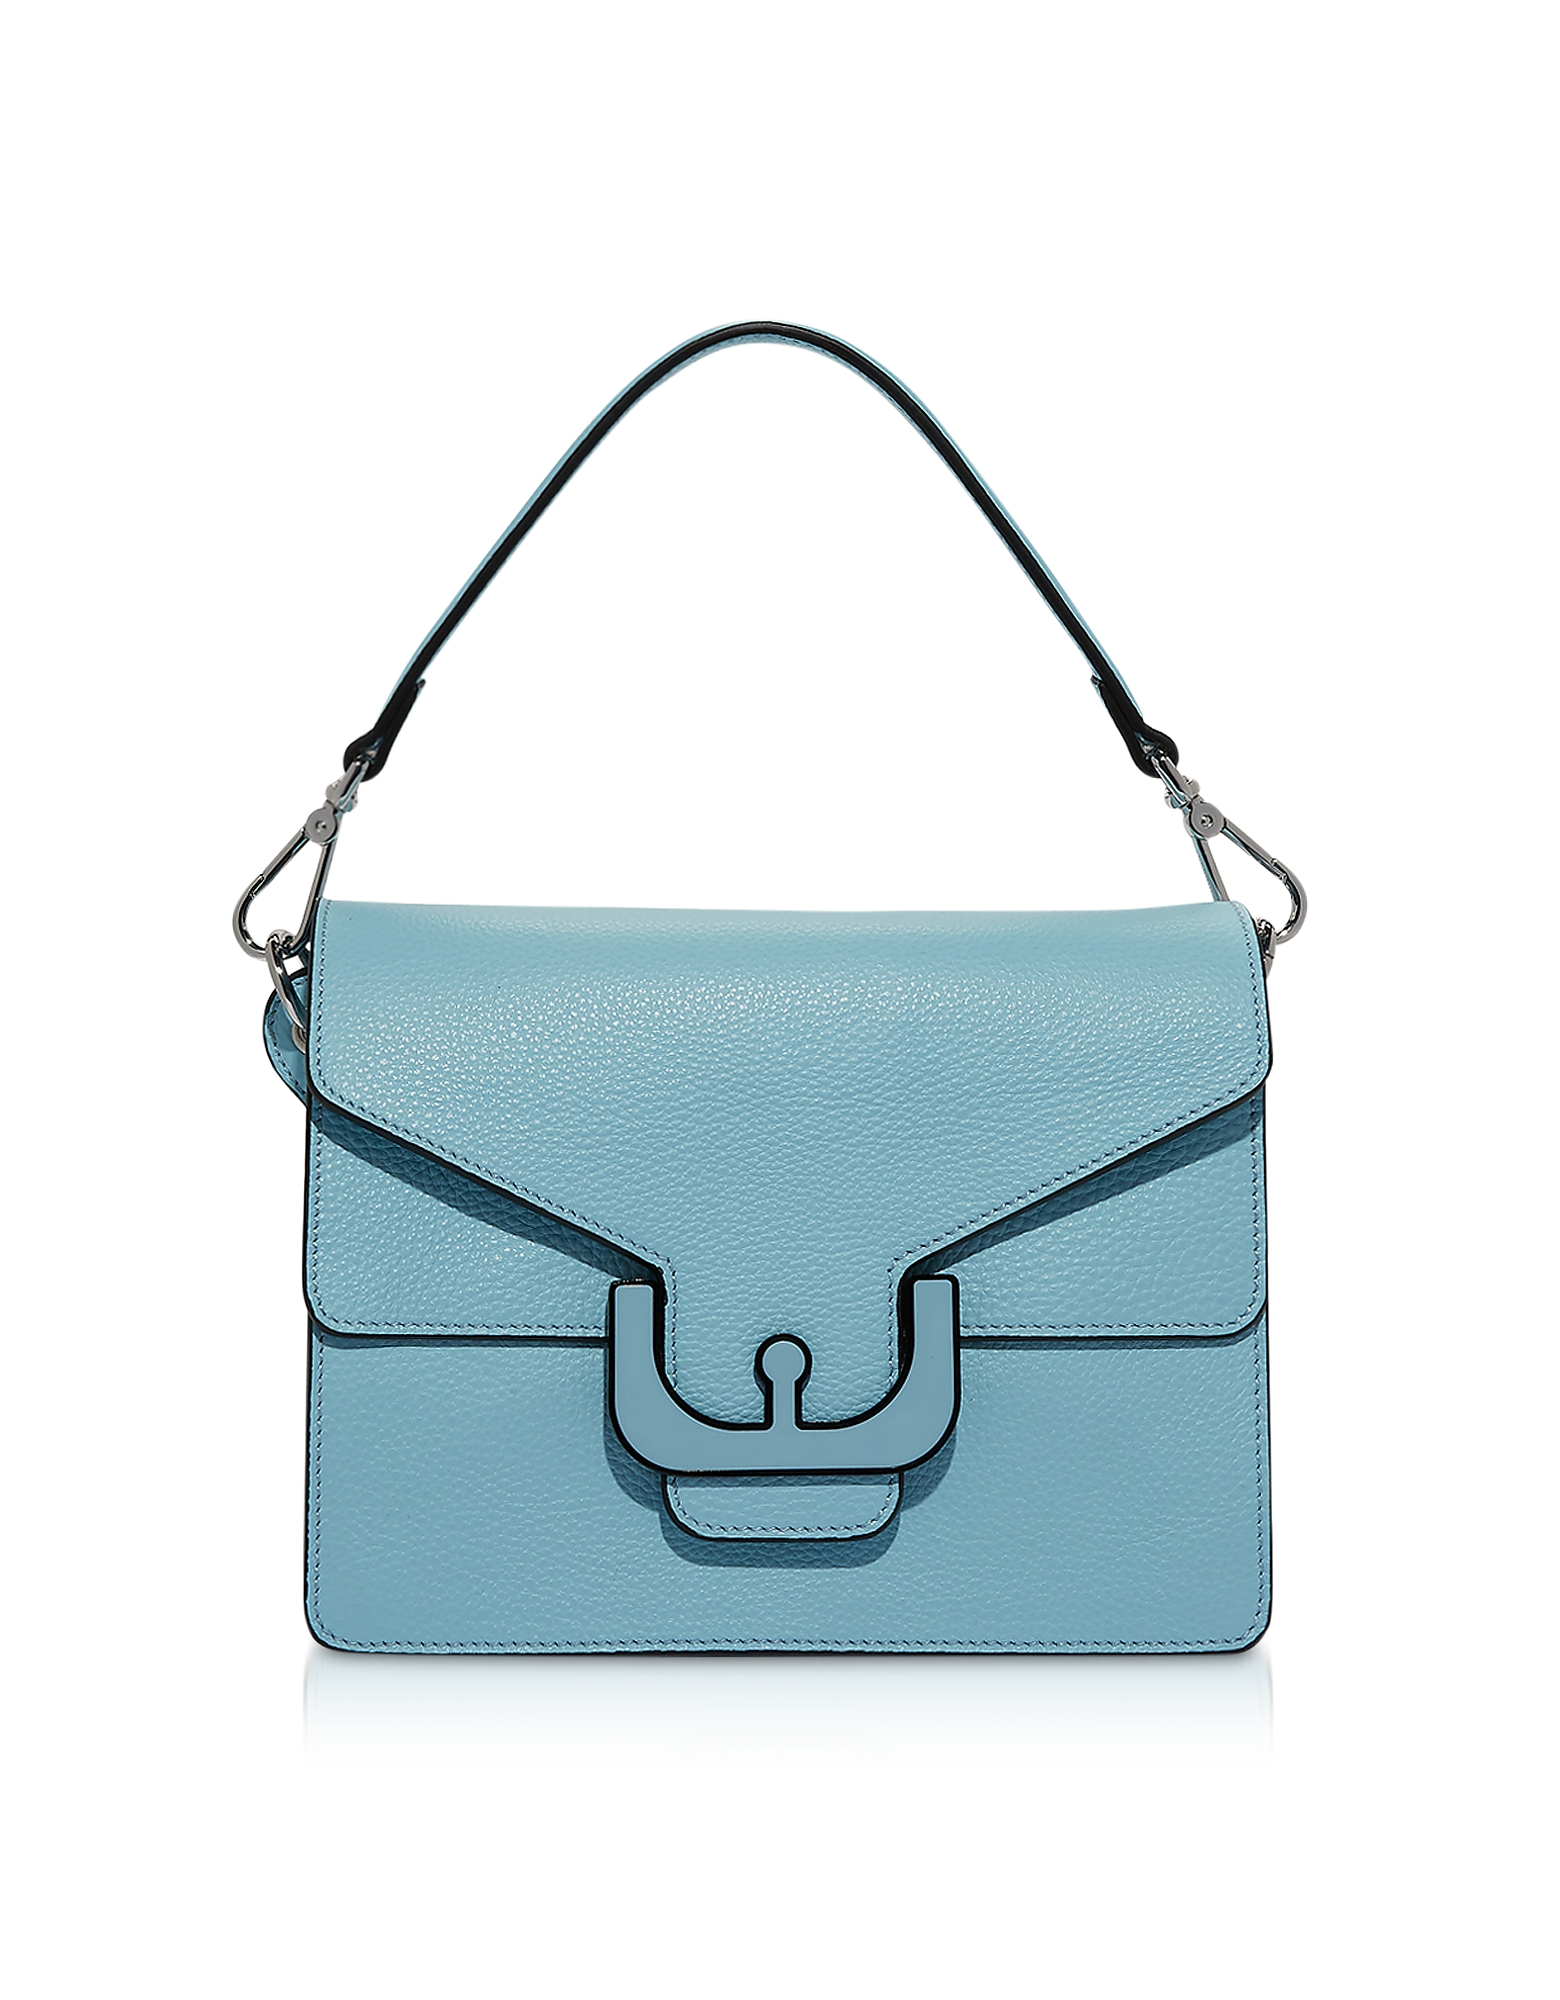 Ambrine Graphic Leather Shoulder Bag